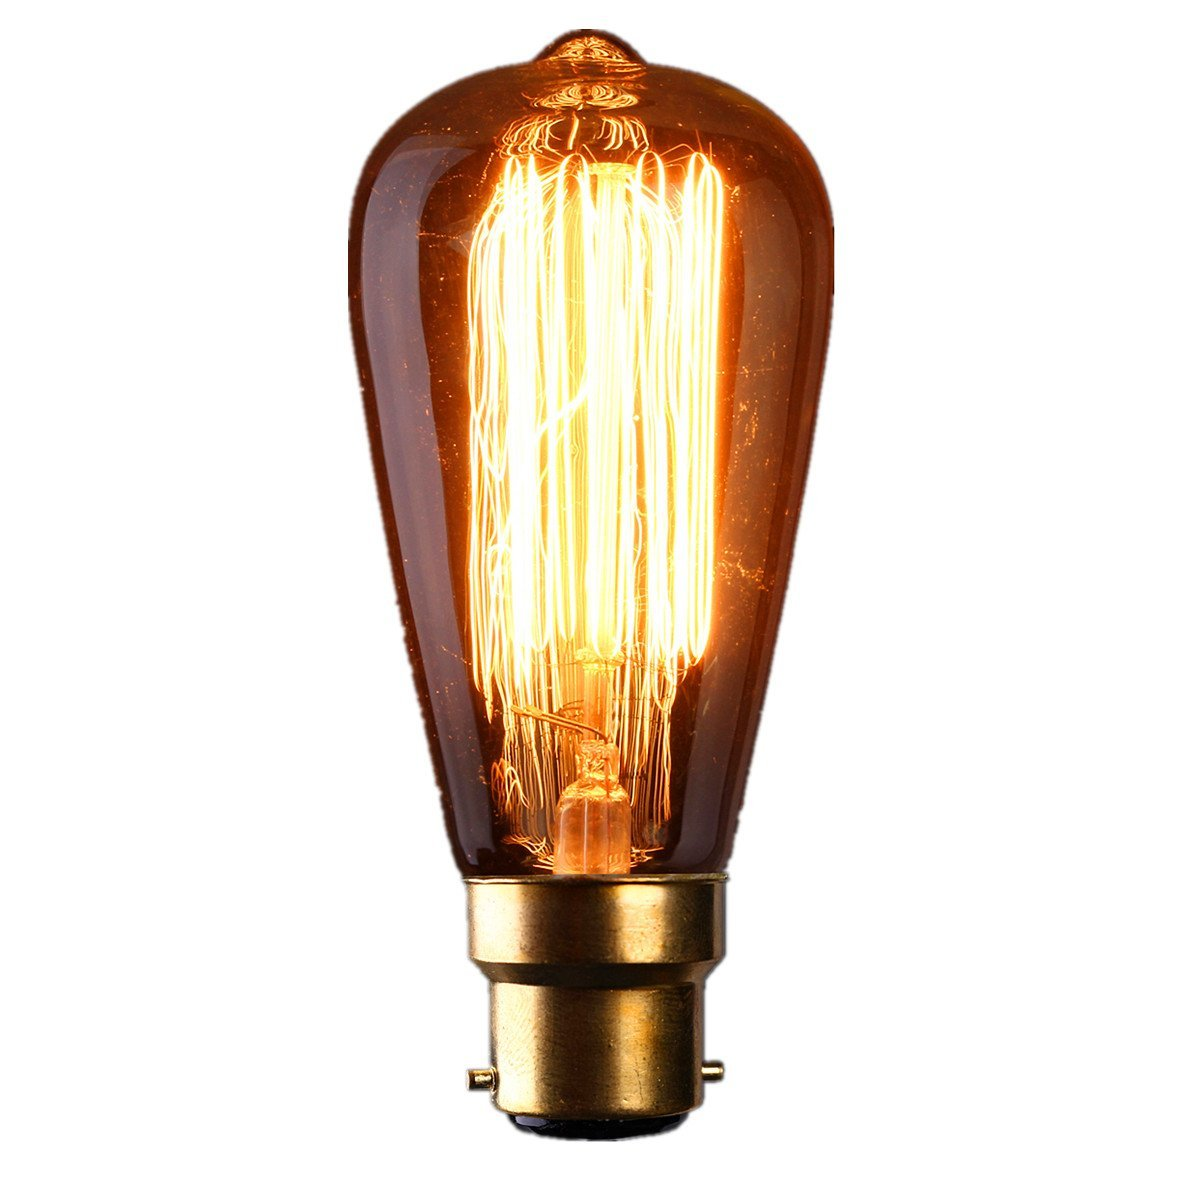 60w filament light bulb vintage unique designer old fashioned j6g. Black Bedroom Furniture Sets. Home Design Ideas